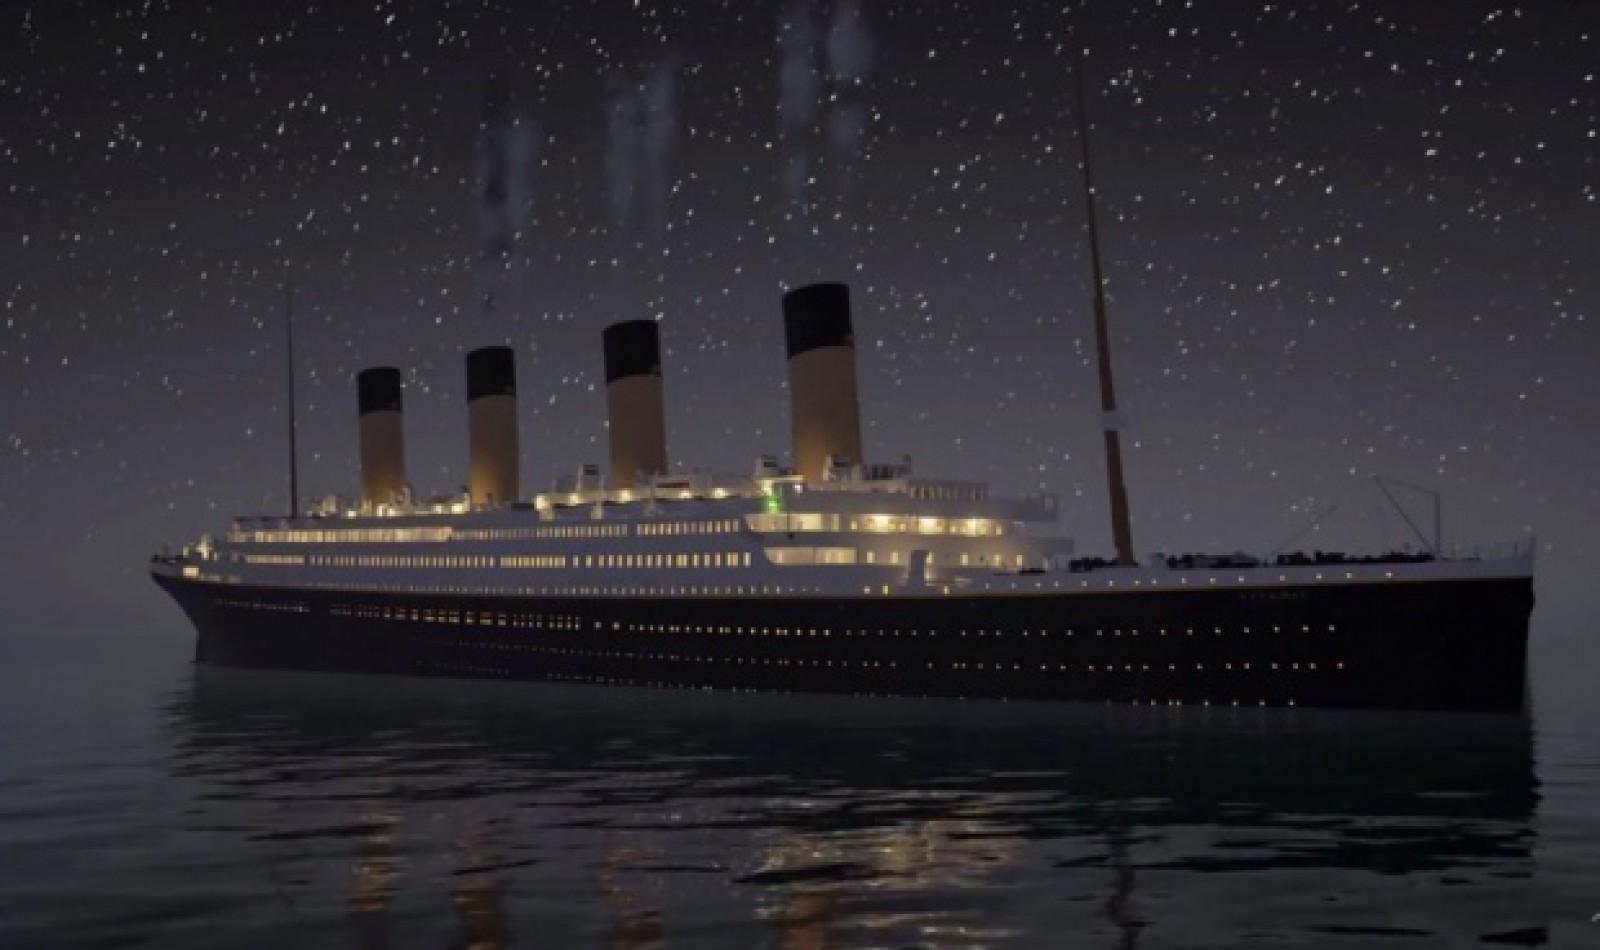 Dezvăluiri terifiante de la scufundarea Titanicului! Ce s-a întâmplat cu trupurile îngheţate ale pasagerilor rămaşi în apă